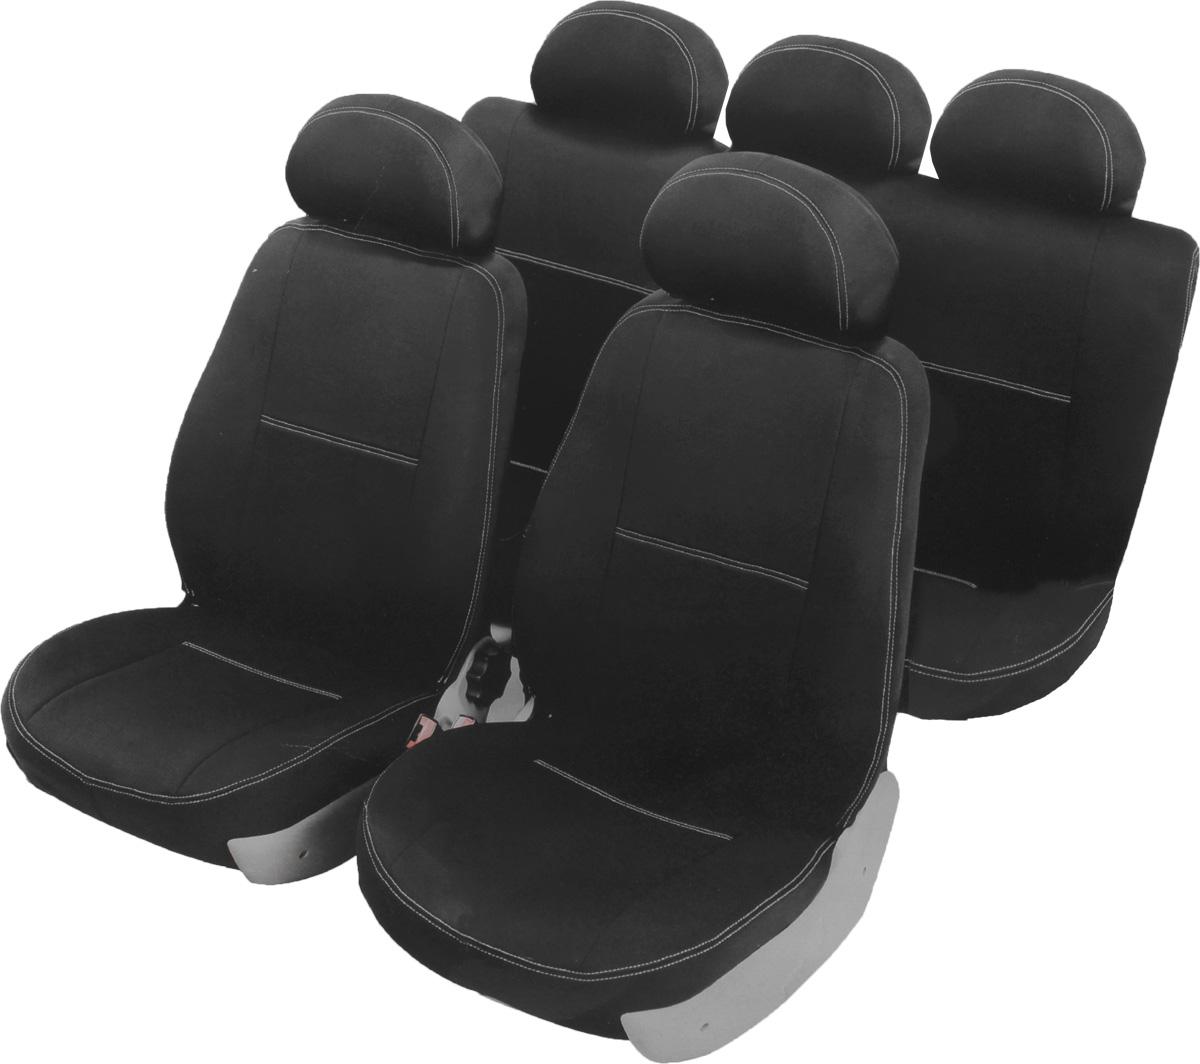 Чехлы автомобильные Azard Standard, для Hyundai Getz 2005-2011, раздельный задний рядA4011381Автомобильные чехлы Azard Standard изготовлены из качественного полиэстера, триплированного огнеупорным поролоном толщиной 3 мм, за счет чего чехол приобретает дополнительную мягкость. Подложка из спандбонда сохраняет свойства поролона и предотвращает его разрушение. Водительское сиденье имеет усиленные швы, все внутренние соединительные швы обработаны оверлоком. Чехлы идеально повторяют штатную форму сидений и выглядят как оригинальная обивка. Разработаны индивидуально для каждой модели автомобиля. Дизайн чехлов Azard Standard приближен к оригинальной обивке салона. Двойная декоративная контрастная прострочка по периметру авточехлов придает стильный и изысканный внешний вид интерьеру автомобиля. В спинках передних сидений расположены карманы, закрывающиеся на молнию. Чехлы сохраняют полную функциональность салона - трансформация сидений, возможность установки детских кресел ISOFIX, не препятствуют работе подушек безопасности AIRBAG и подогреву сидений. Для...